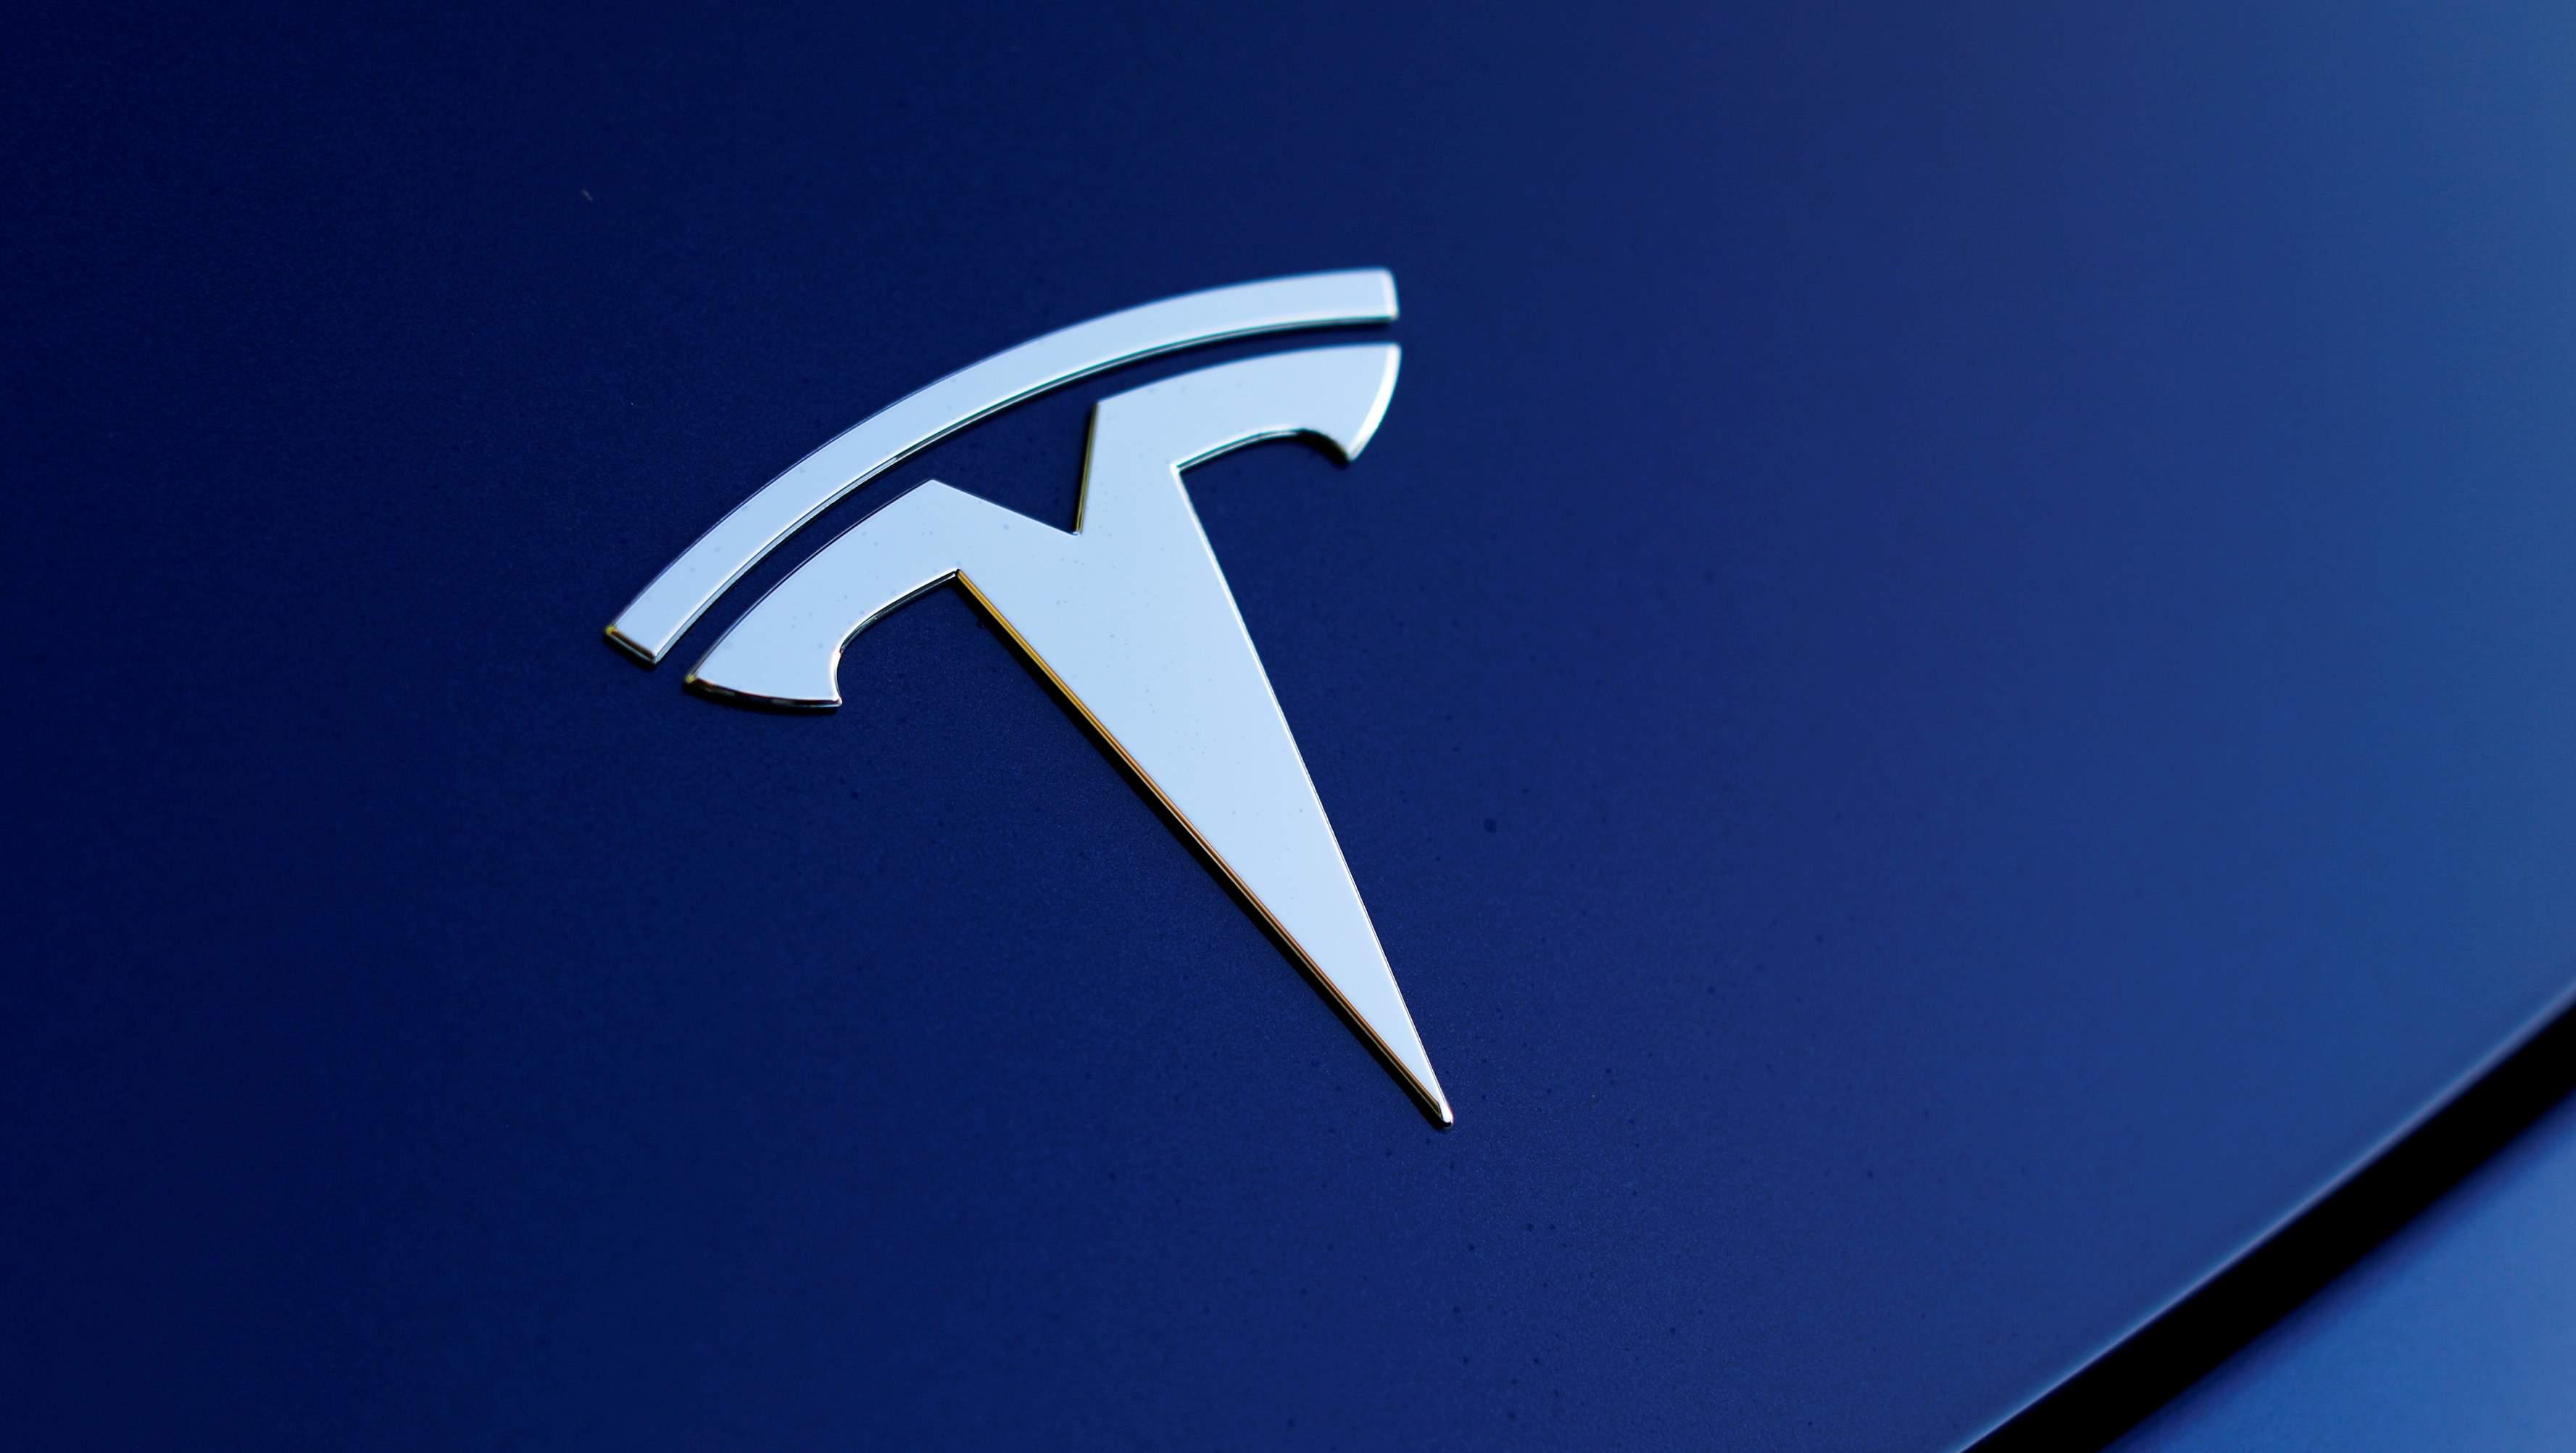 Cotización bursátil en tiempo real de Tesla, Inc. (TSLA) y datos de la última venta en creditcardtips.pw, su fuente de confianza para información y noticias de los mercados.